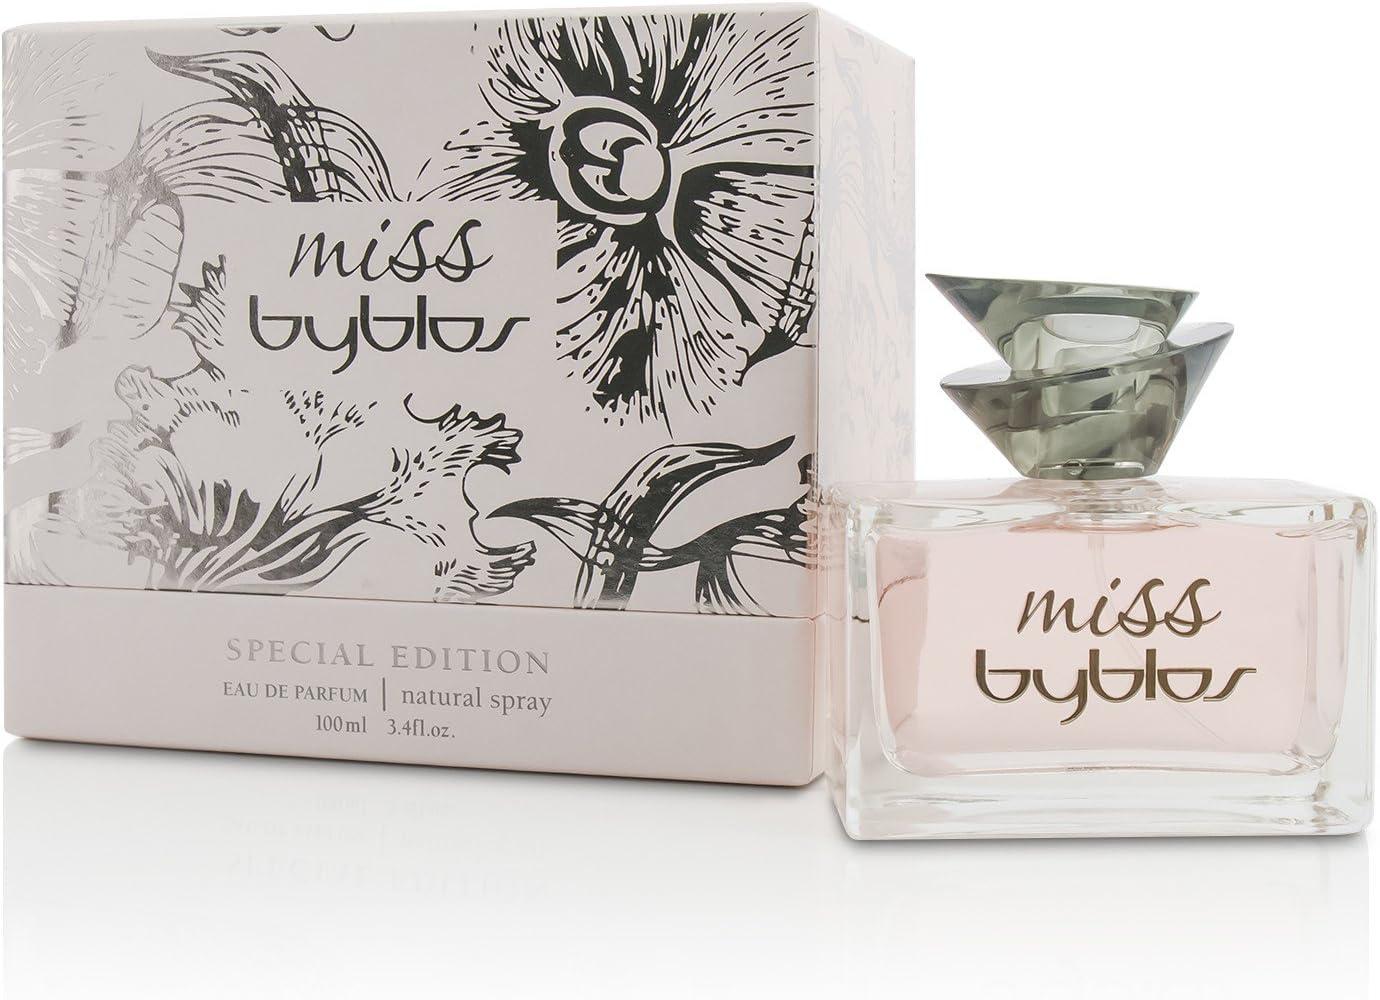 BYBLOS SPECIAL EDITION MISS BYBLOS Eau De Parfum 100ML